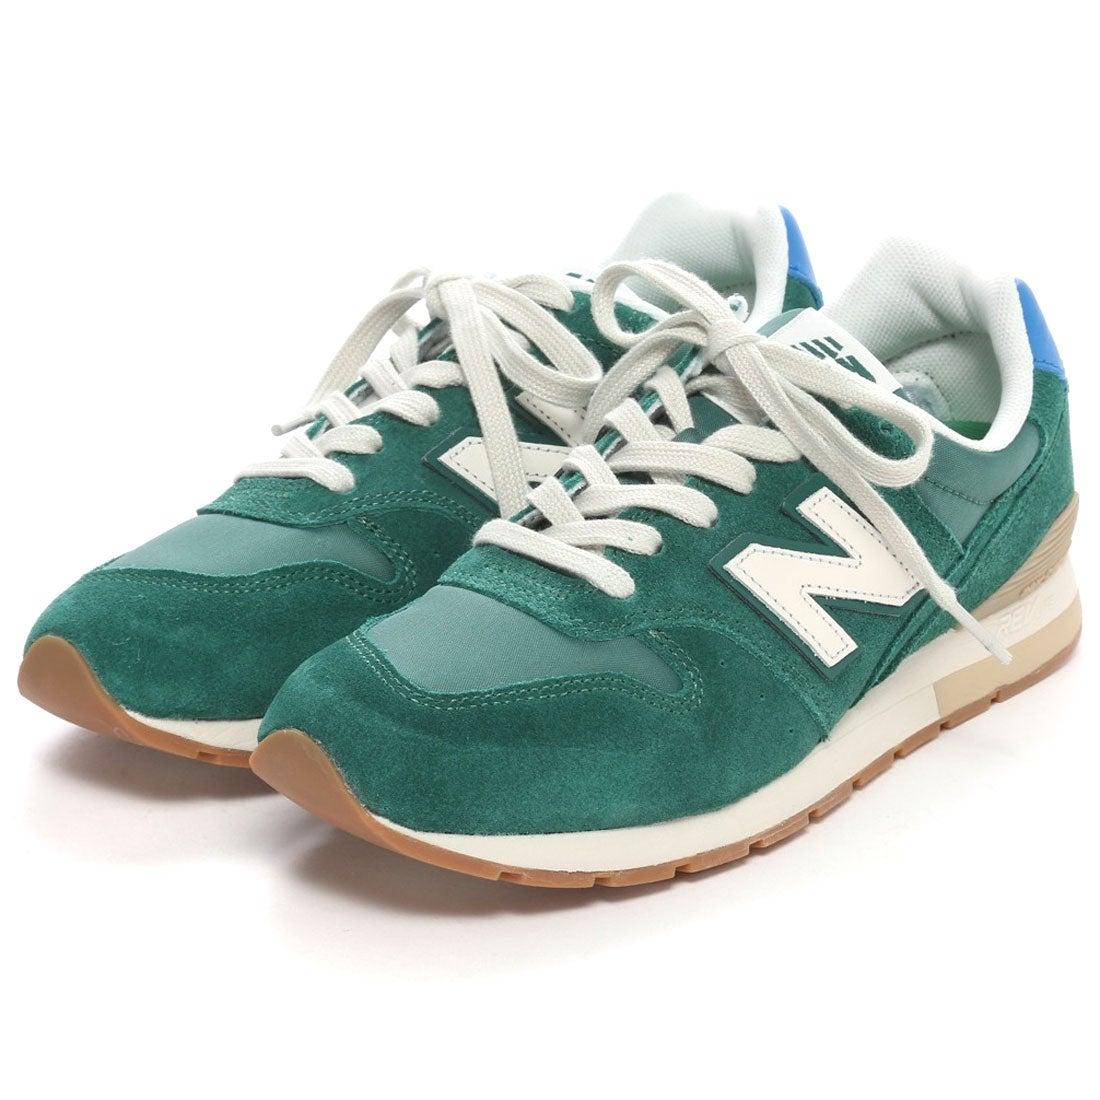 ニューバランス new balance NB MRL996GR3779カジュアルシューズ(グリーン) ,靴とファッションの通販サイト ロコンド